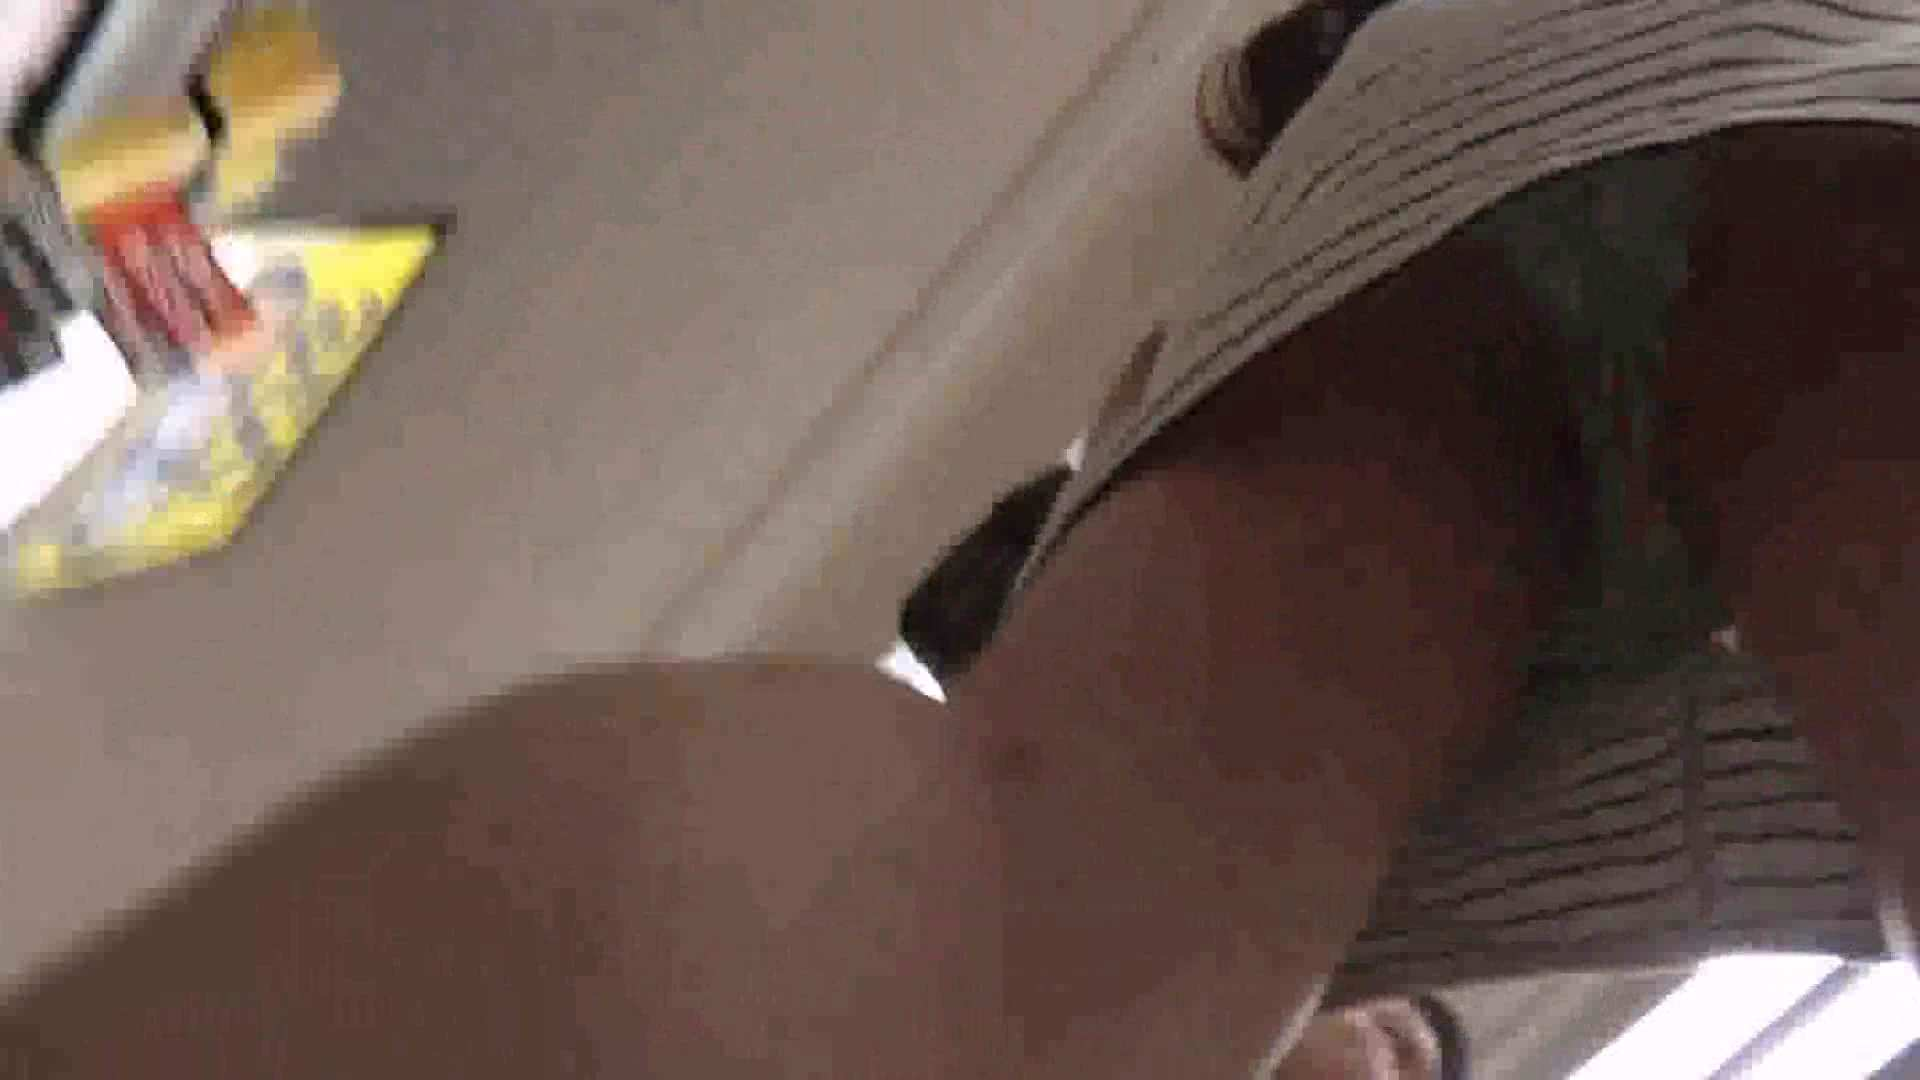 真剣に買い物中のgal達を上から下から狙います。vol.01 HなOL | JKヌード  102pic 41